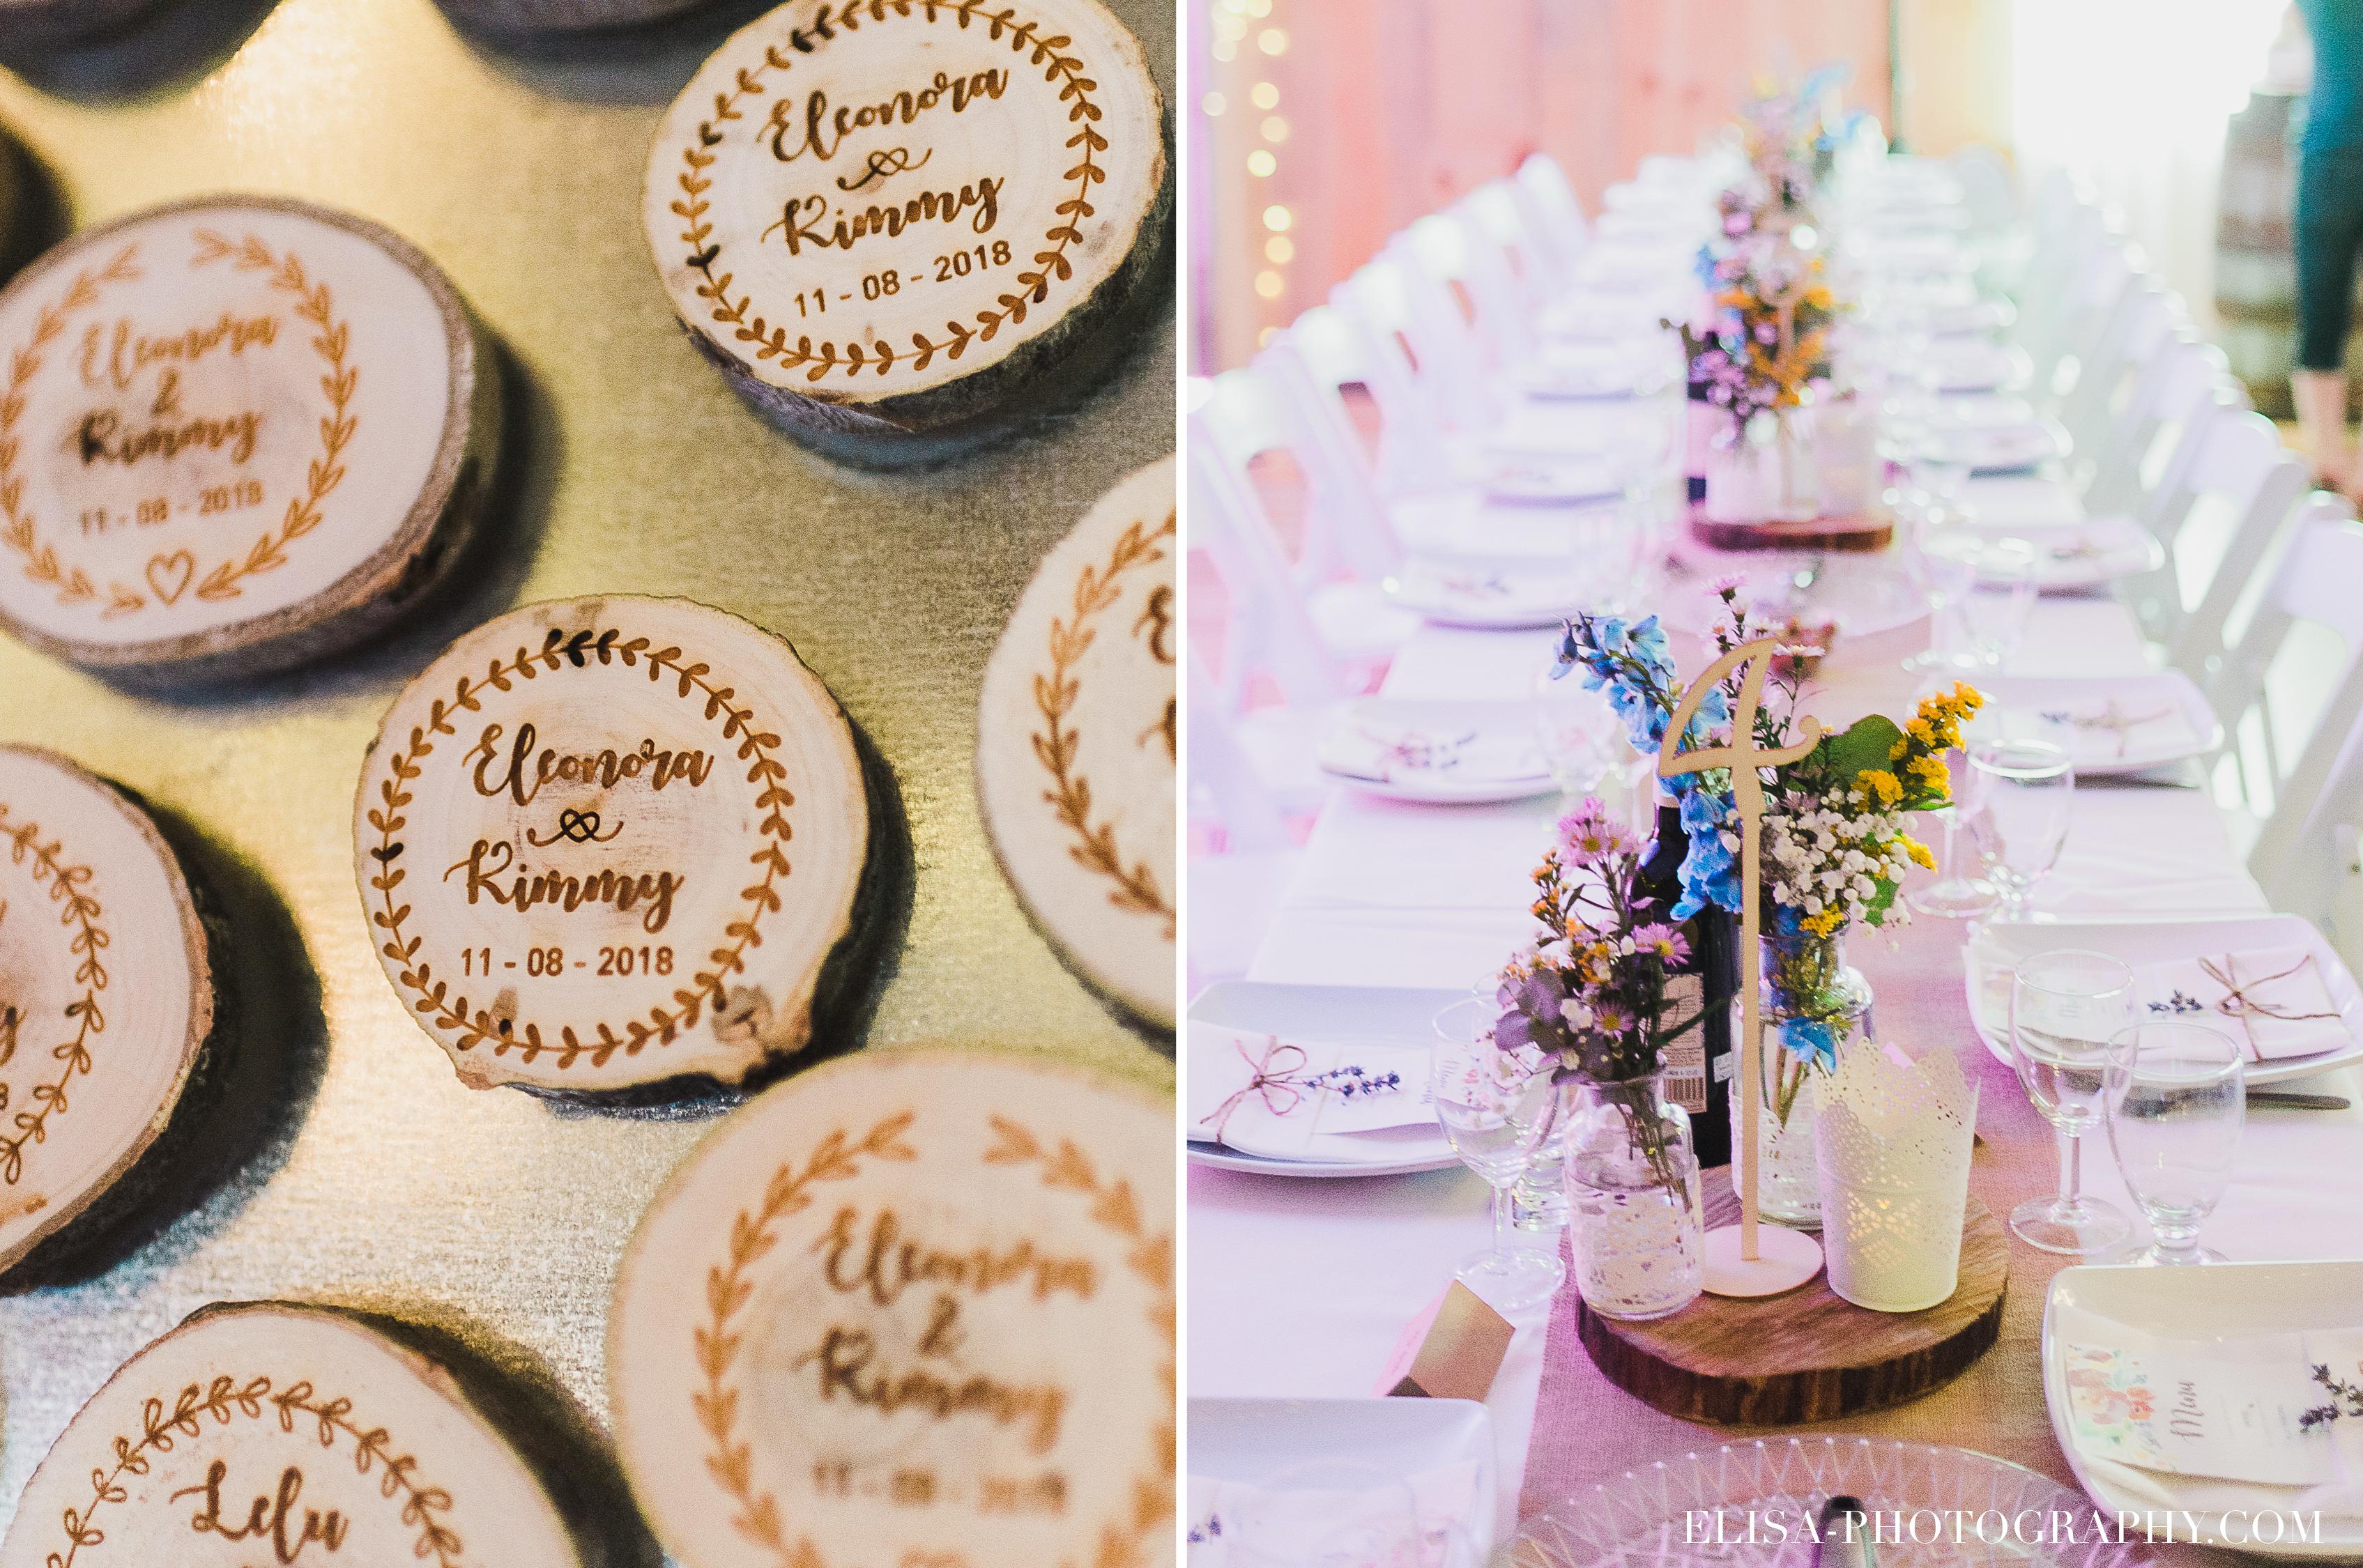 photo mariage grange rouge quebec cadeaux invites aimants centres de table colores - Mariage coloré à la grange rouge de Brompton